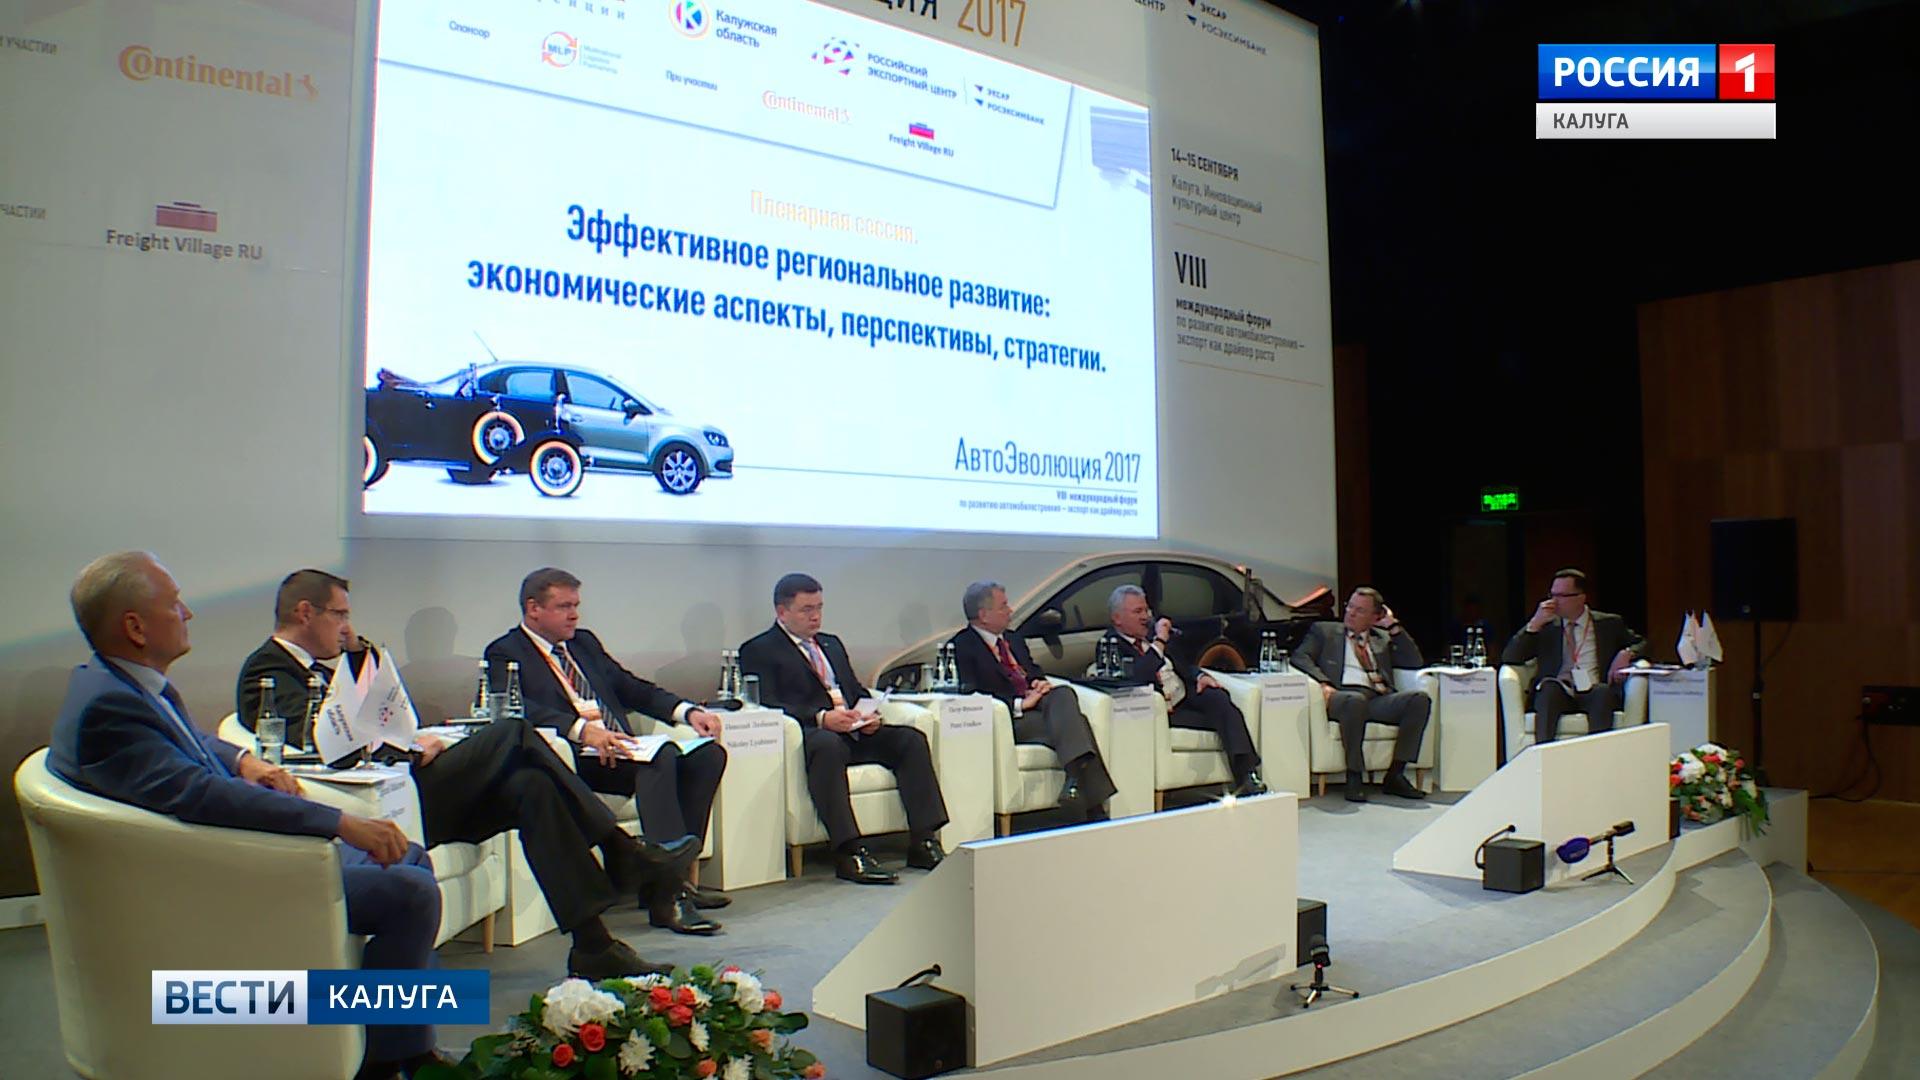 ВКалуге открылся двухдневный международный форум «Автоэволюция-2017»